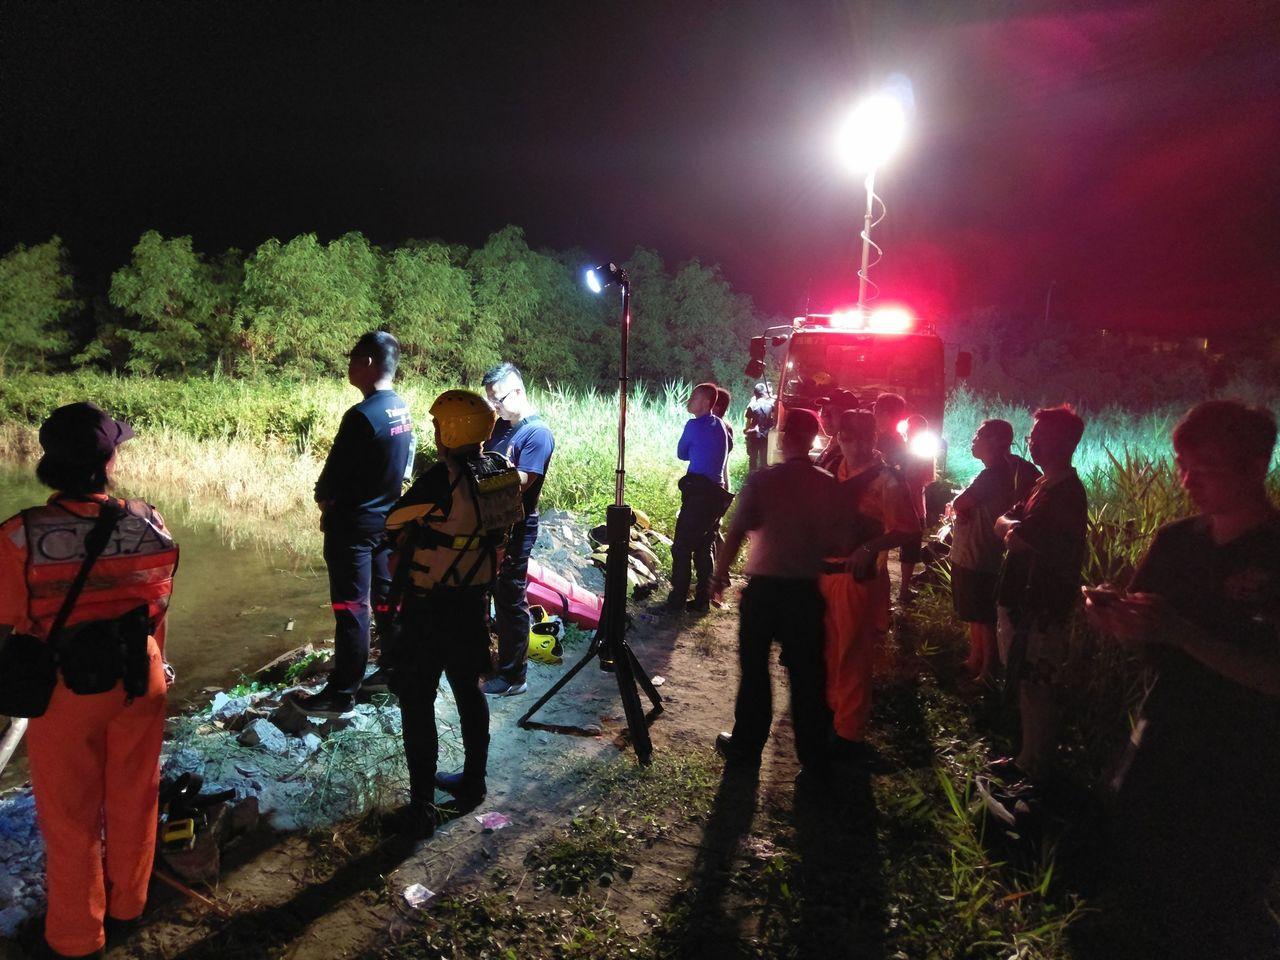 男子下海抓螃蟹失蹤,台南市消防及海巡忙搜救。記者謝進盛/翻攝